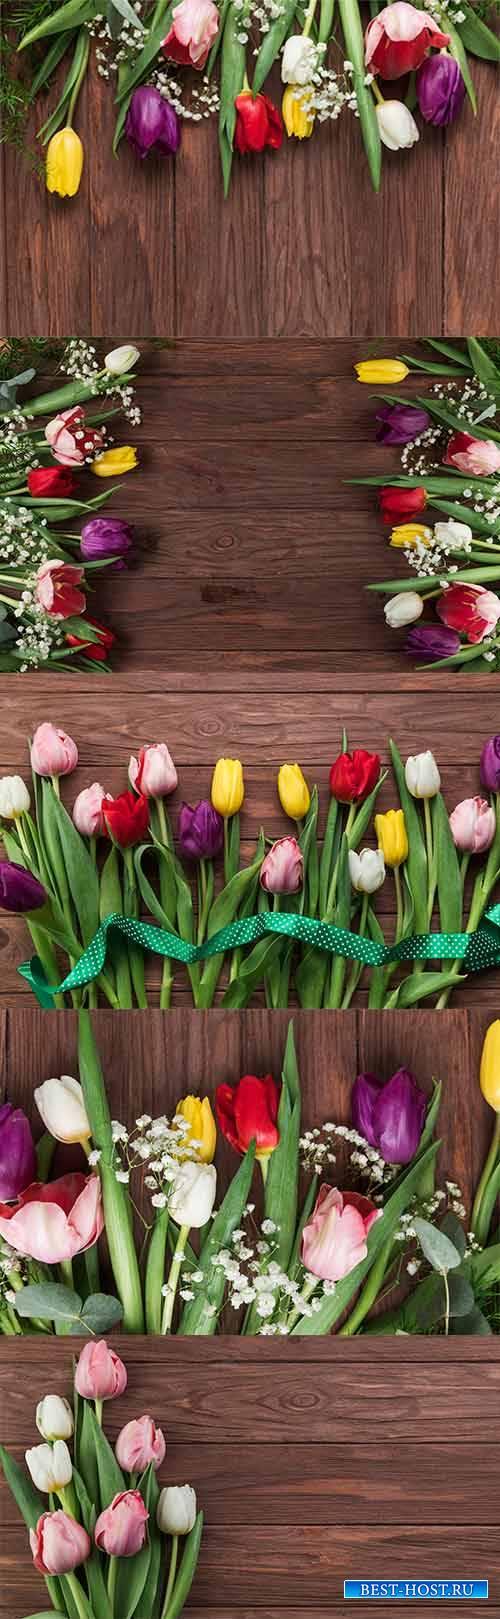 Фоны с красивыми тюльпанами - Растровый клипарт / Backgrounds with beautifu ...